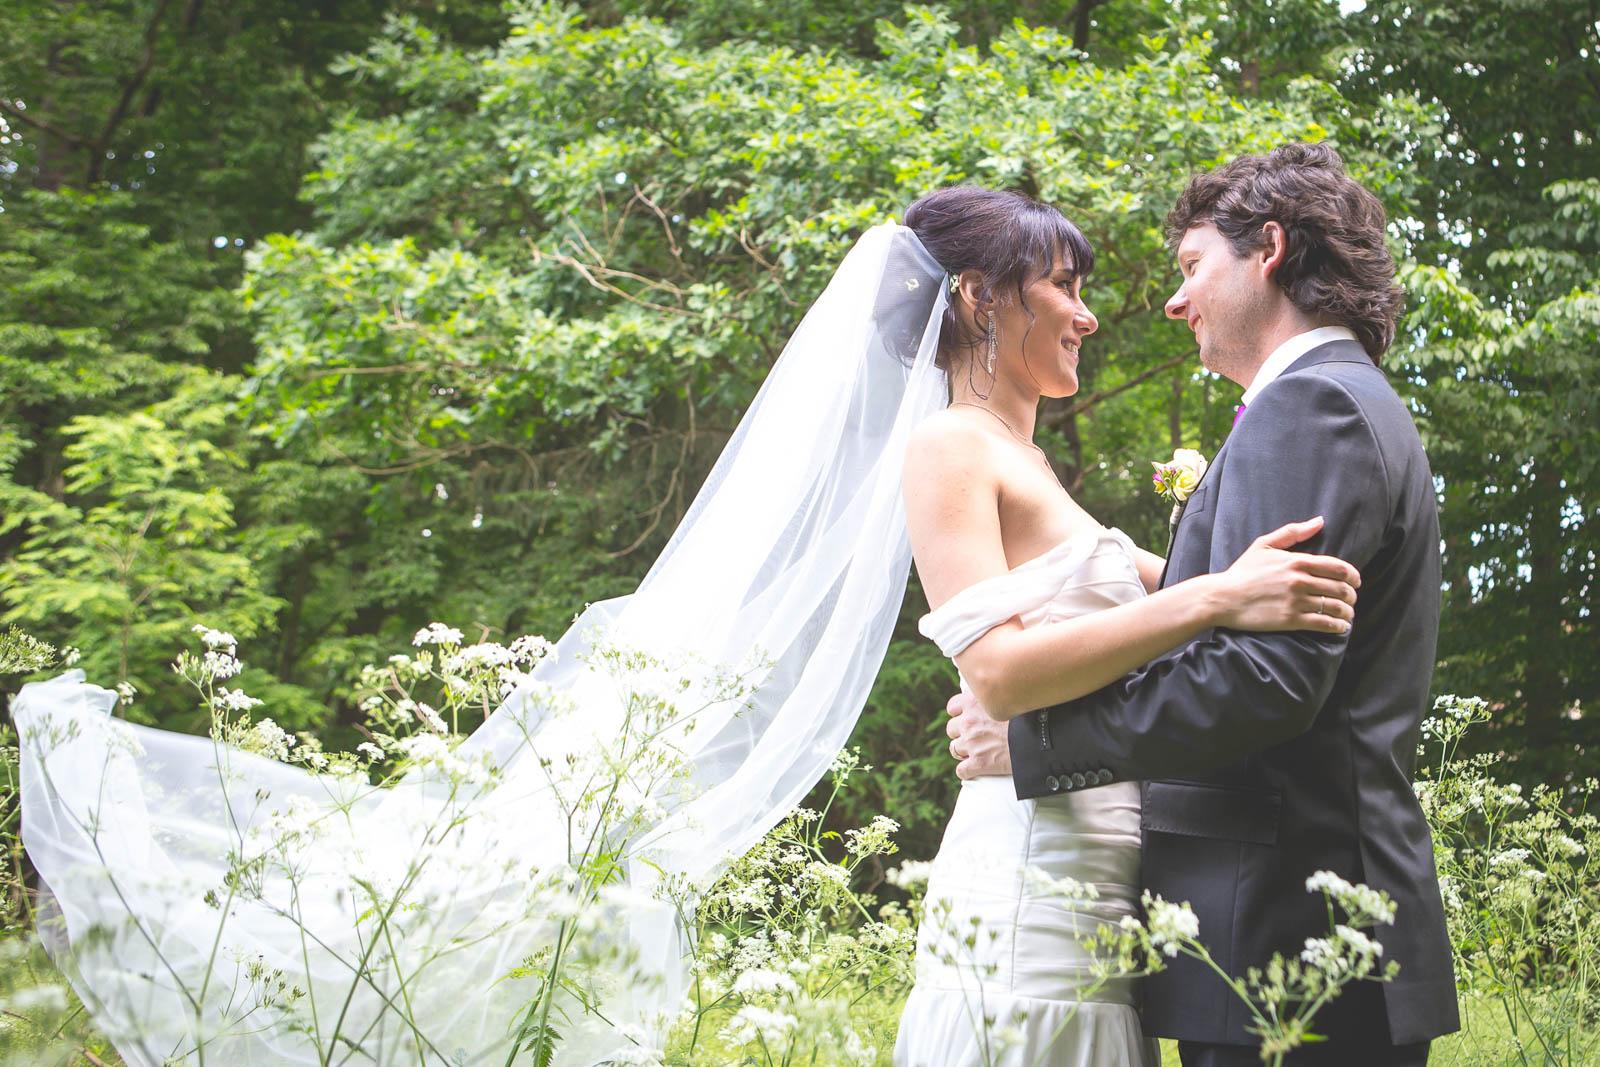 Svatební-fotografie-Mirka-a-Petr-svatební-fotograf- svatebni-kameraman-studio-Beautyfoto-Jižní-Čechy-Zvíkov-Orlík-svatební-video beautyfoto-66